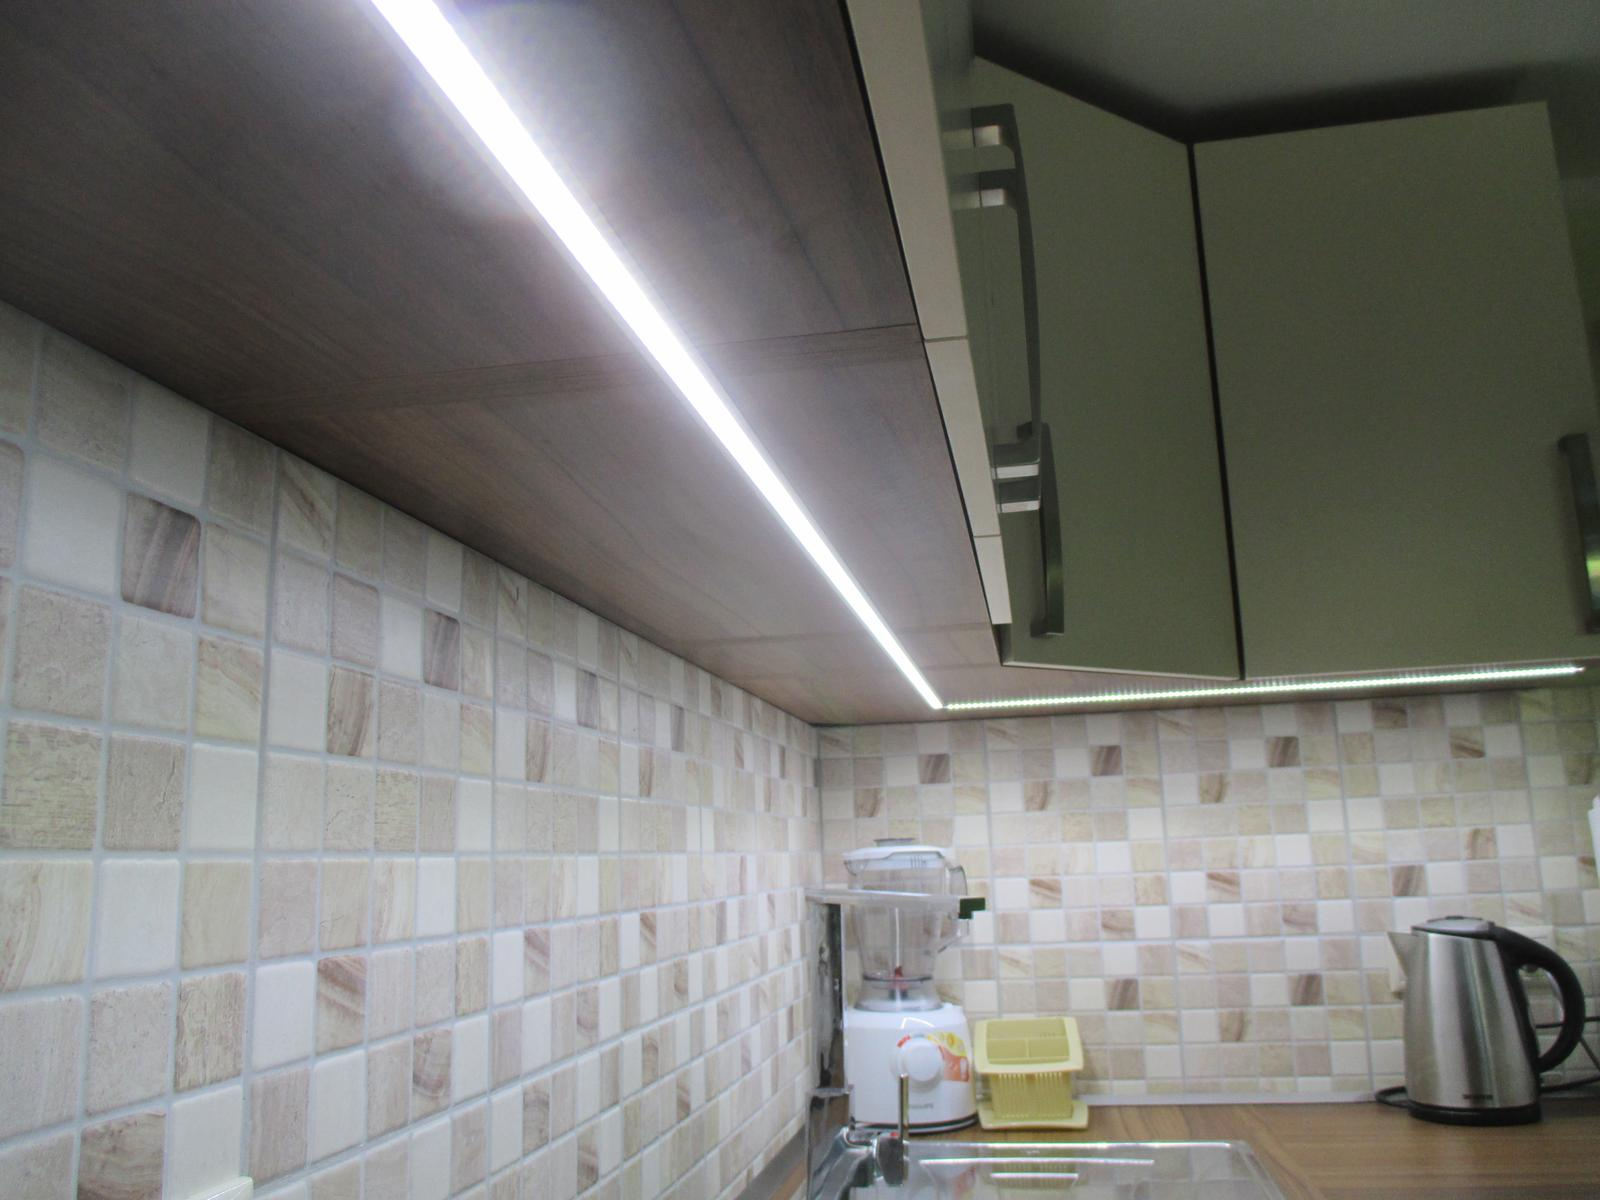 Realizácie kuchyne  - stolárstvo Valuška - detail - zafrézovaného led hada v lište